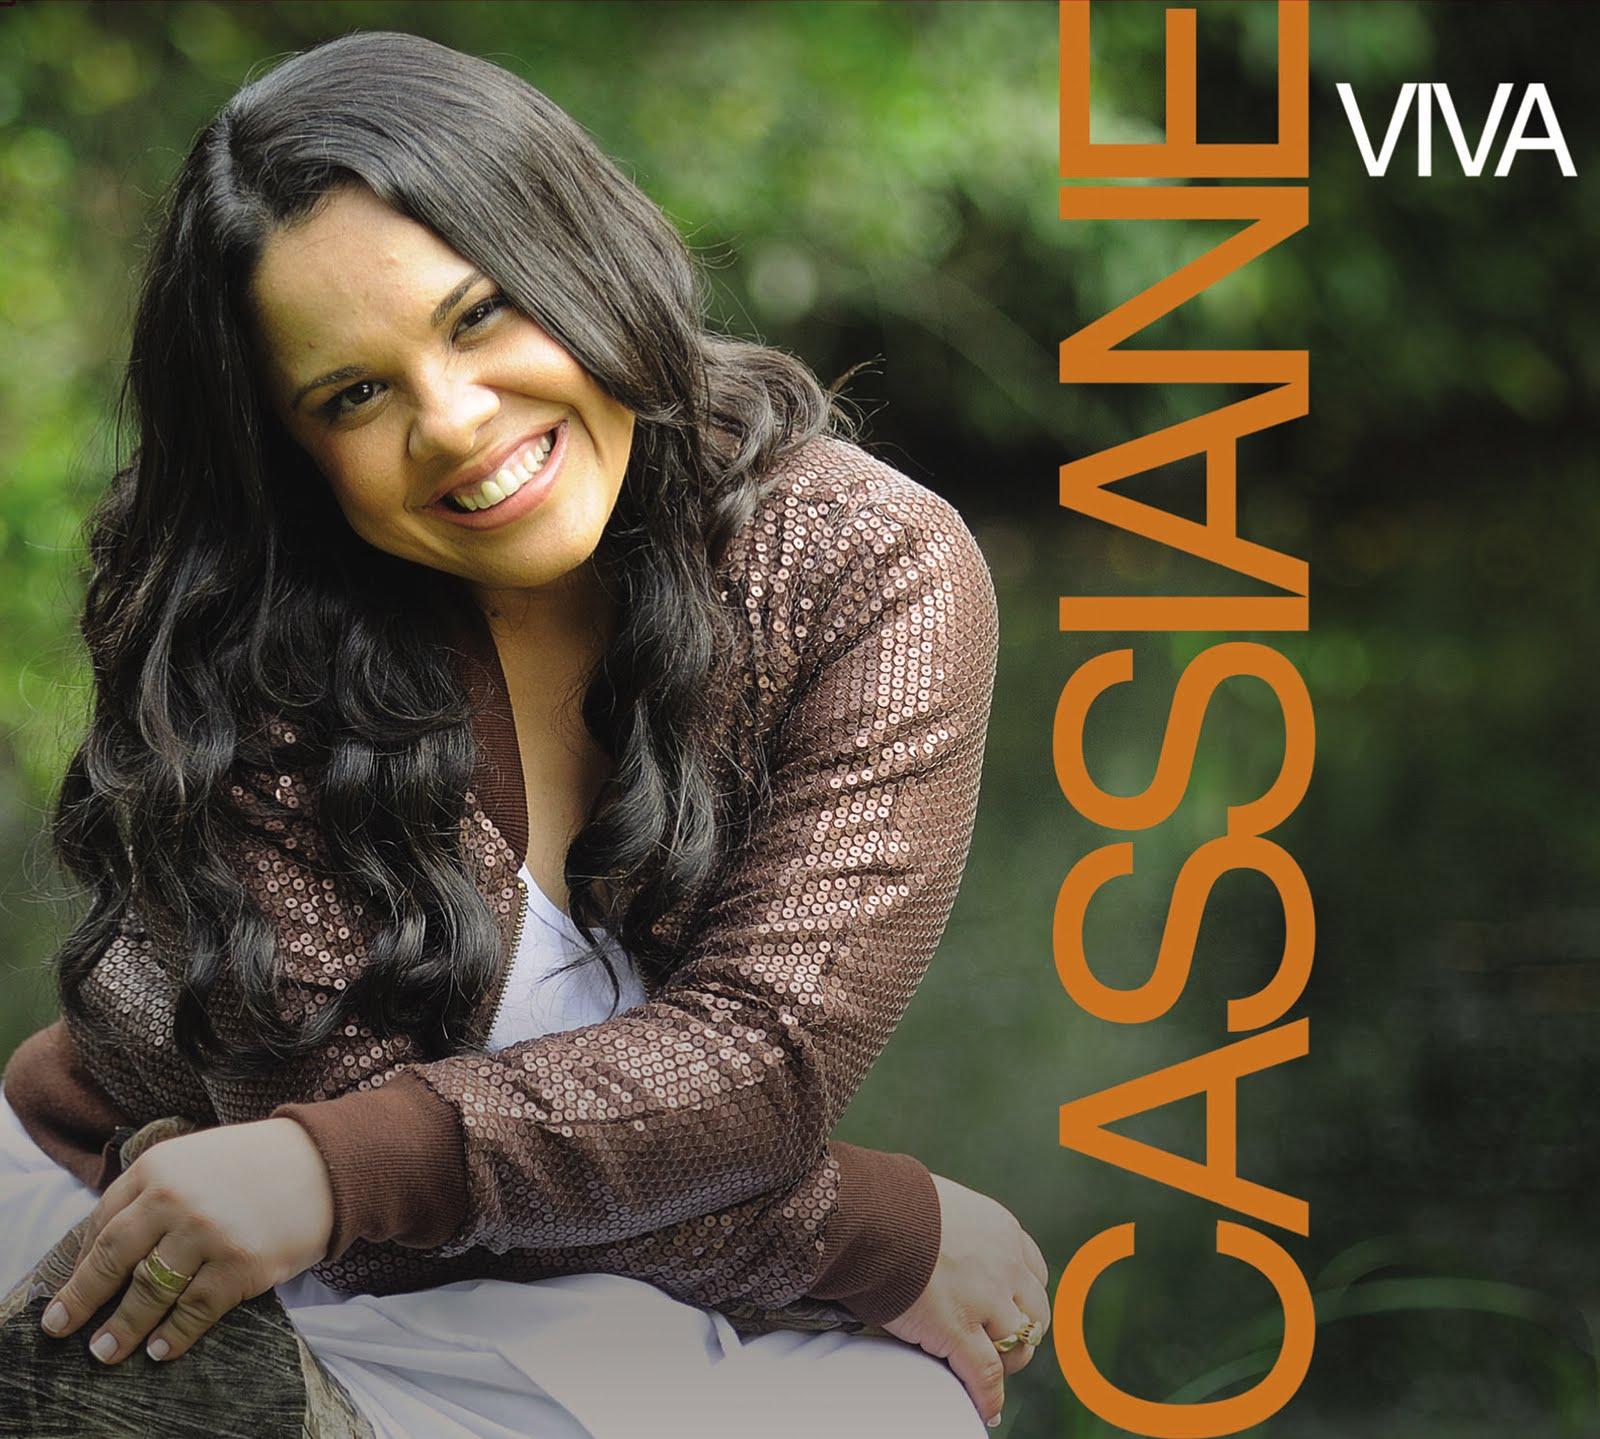 novo cd da cassiane 2012